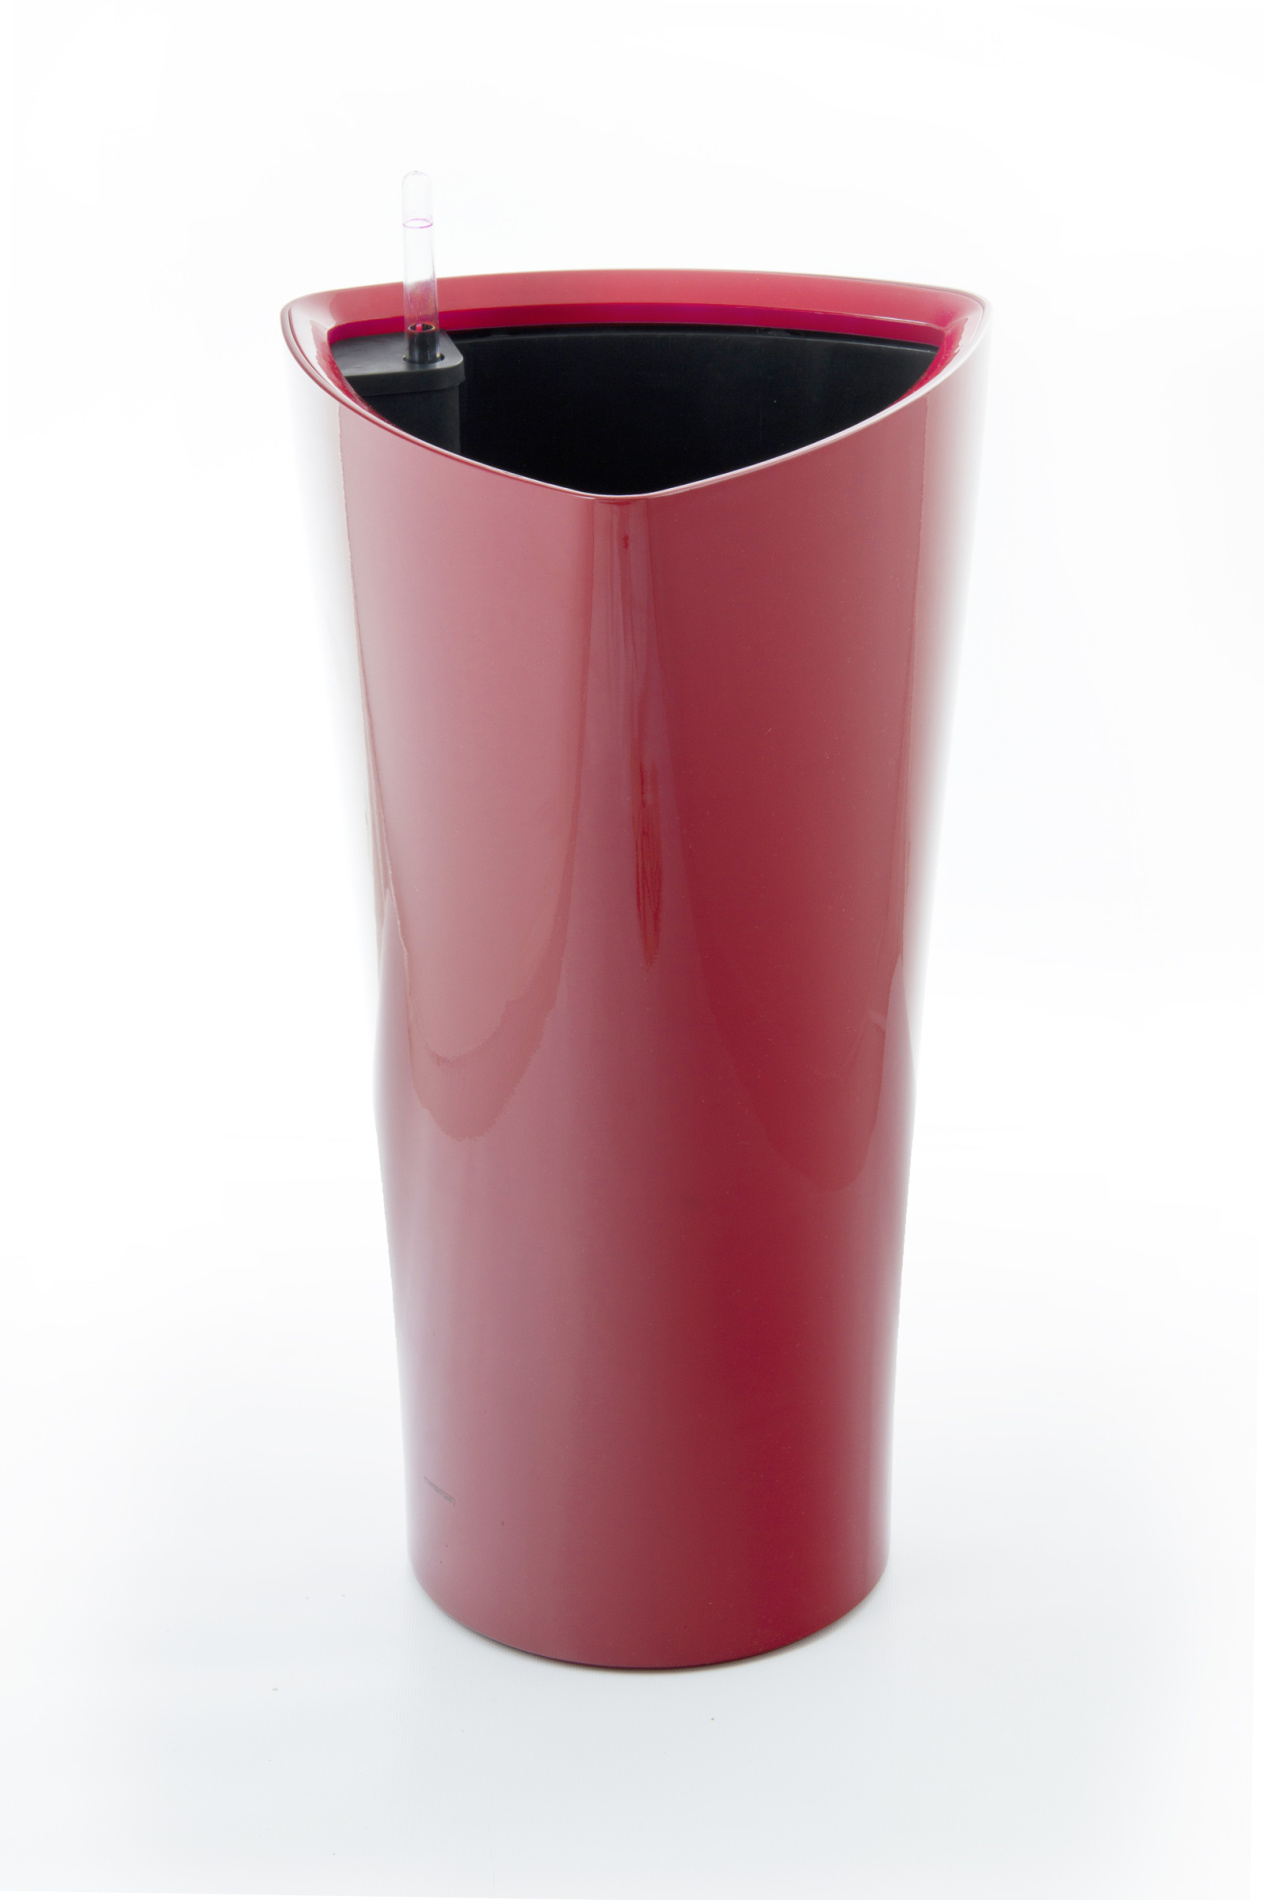 Samozavlažovací květináč G21 Trio červený 56.5 cm